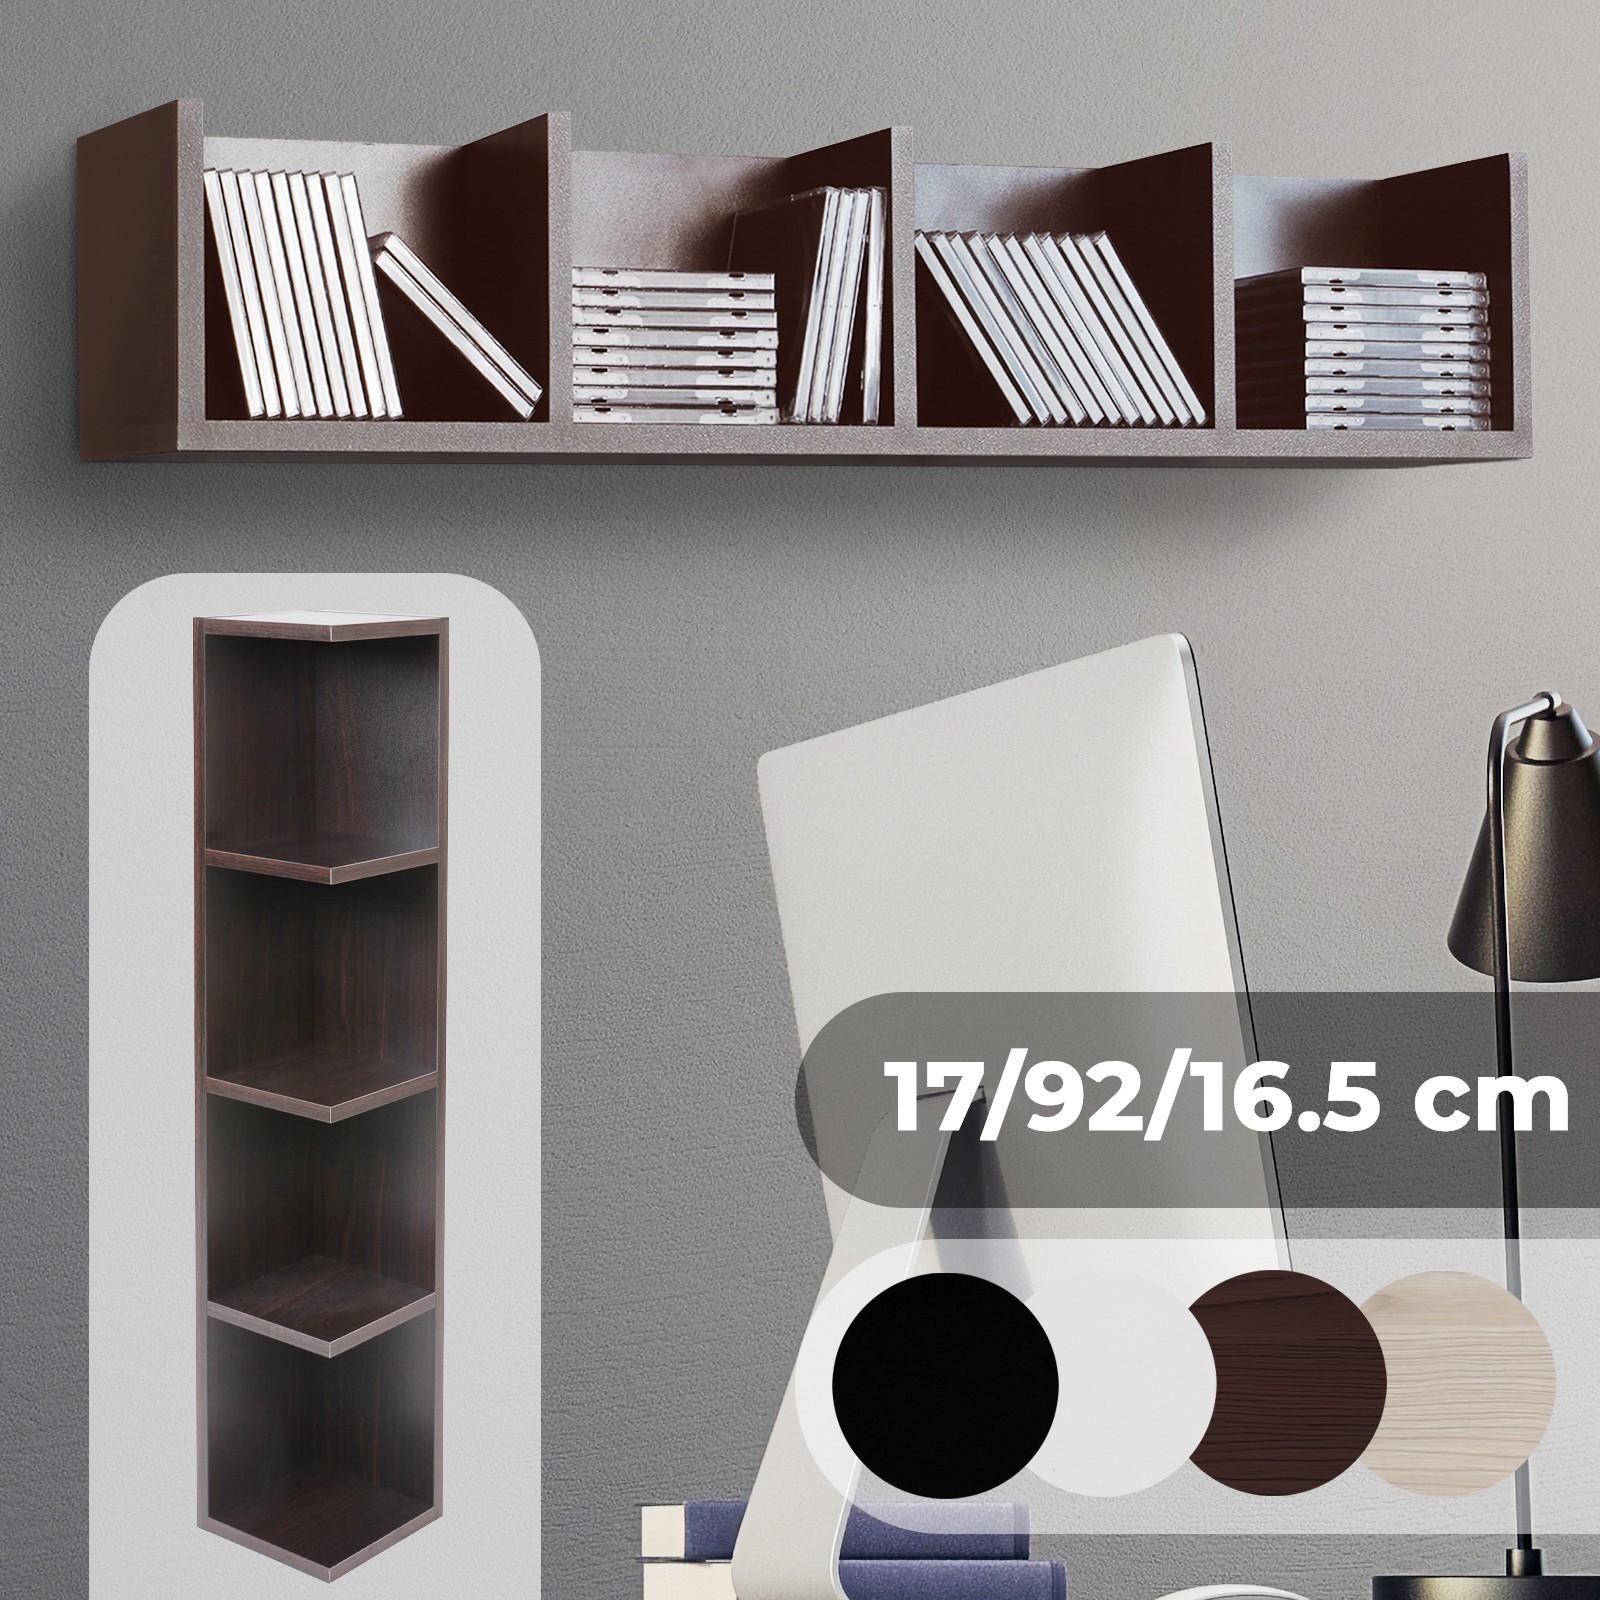 Détails Sur étagère Pour 80 Cds Bois Murale Meuble De Rangement Bibliotheque Chambre D étude